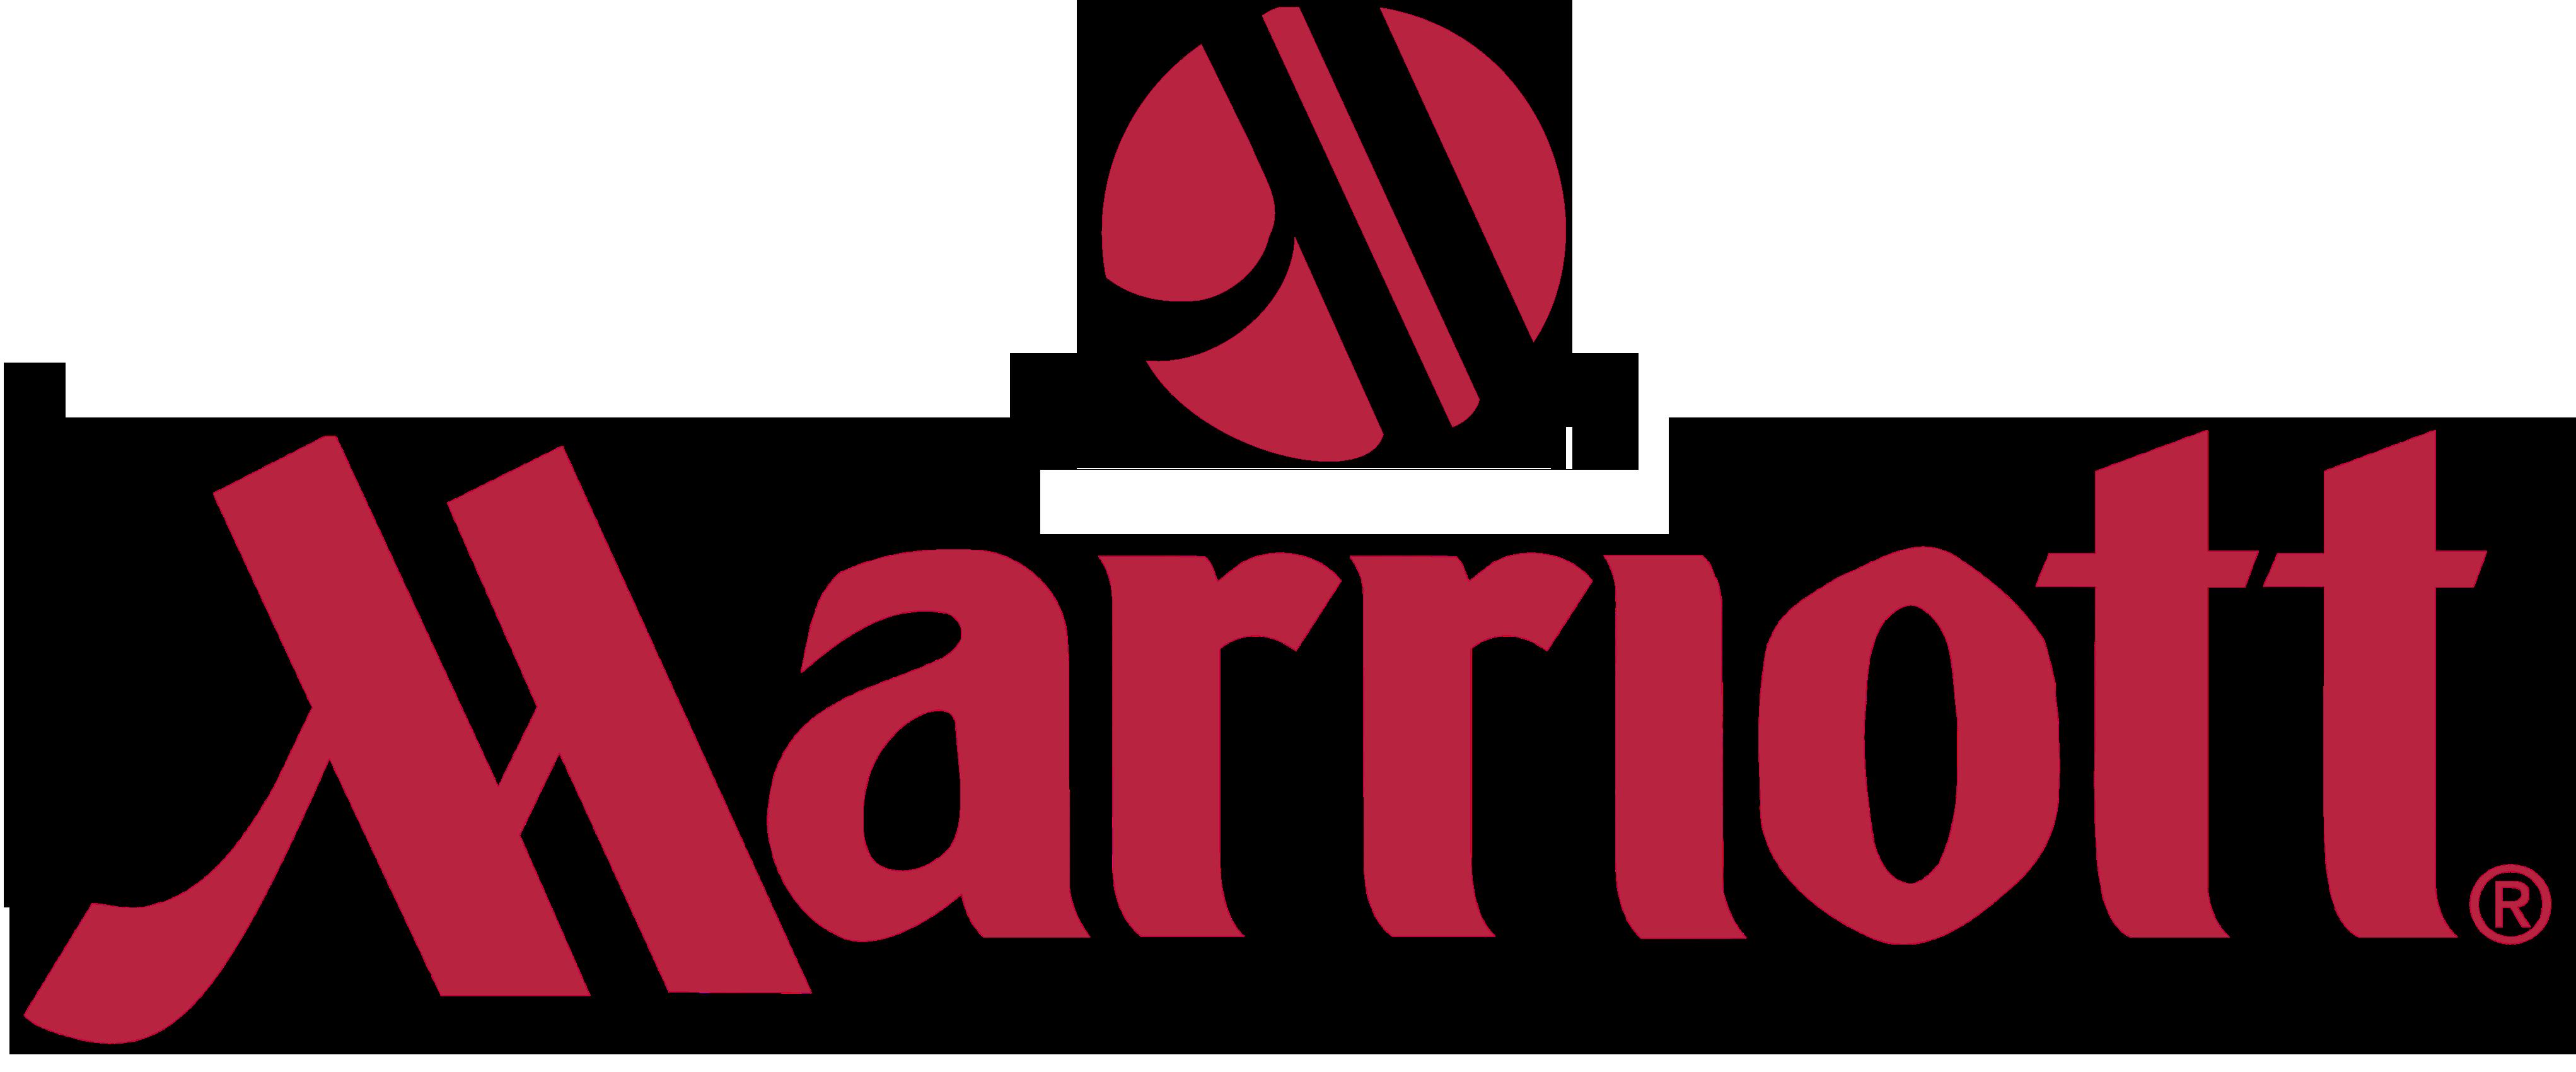 Marriott (International)